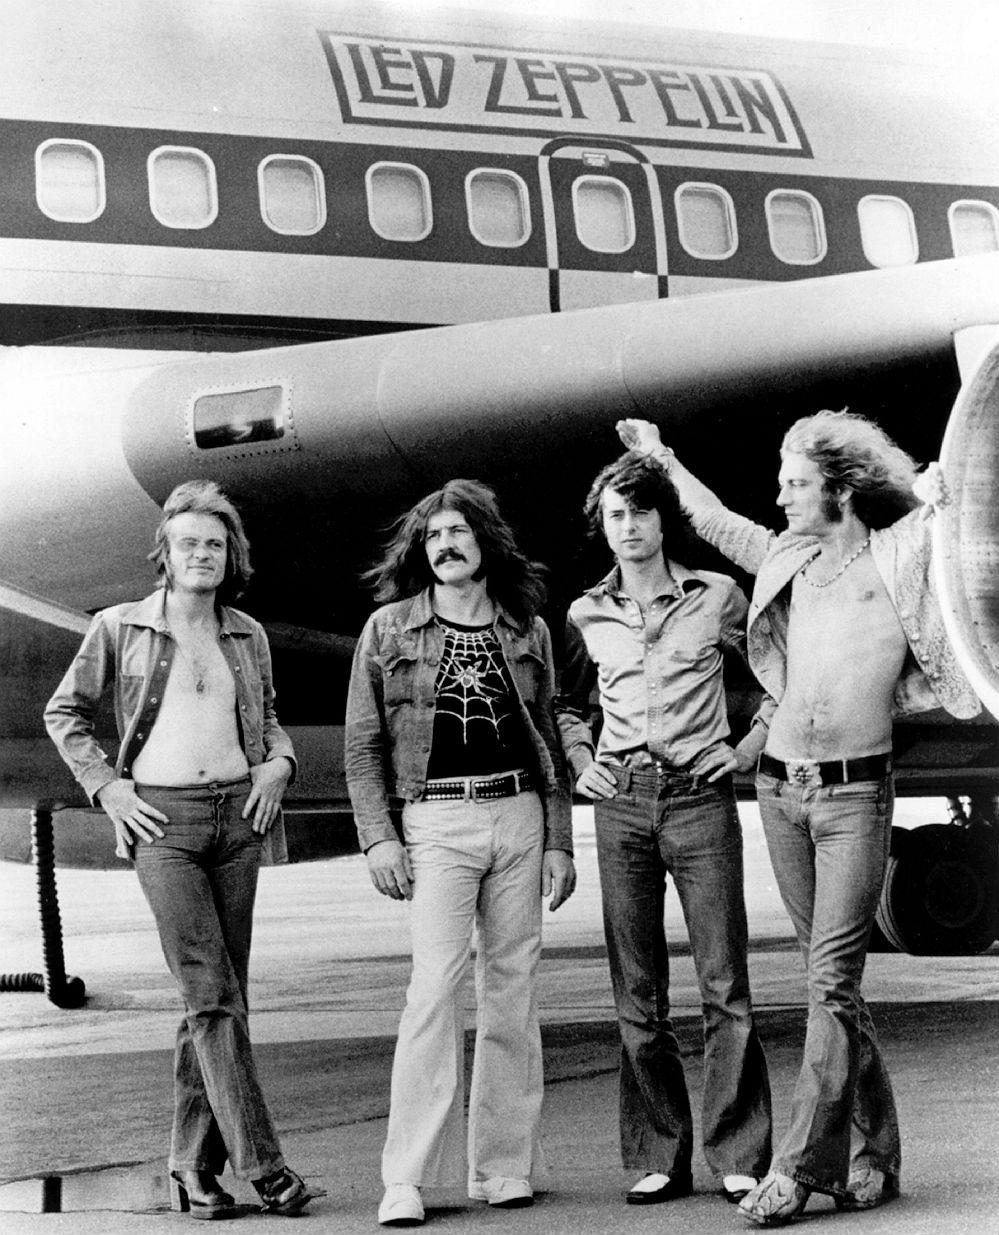 Guns Wallpaper Hd 2048 Led Zeppelin